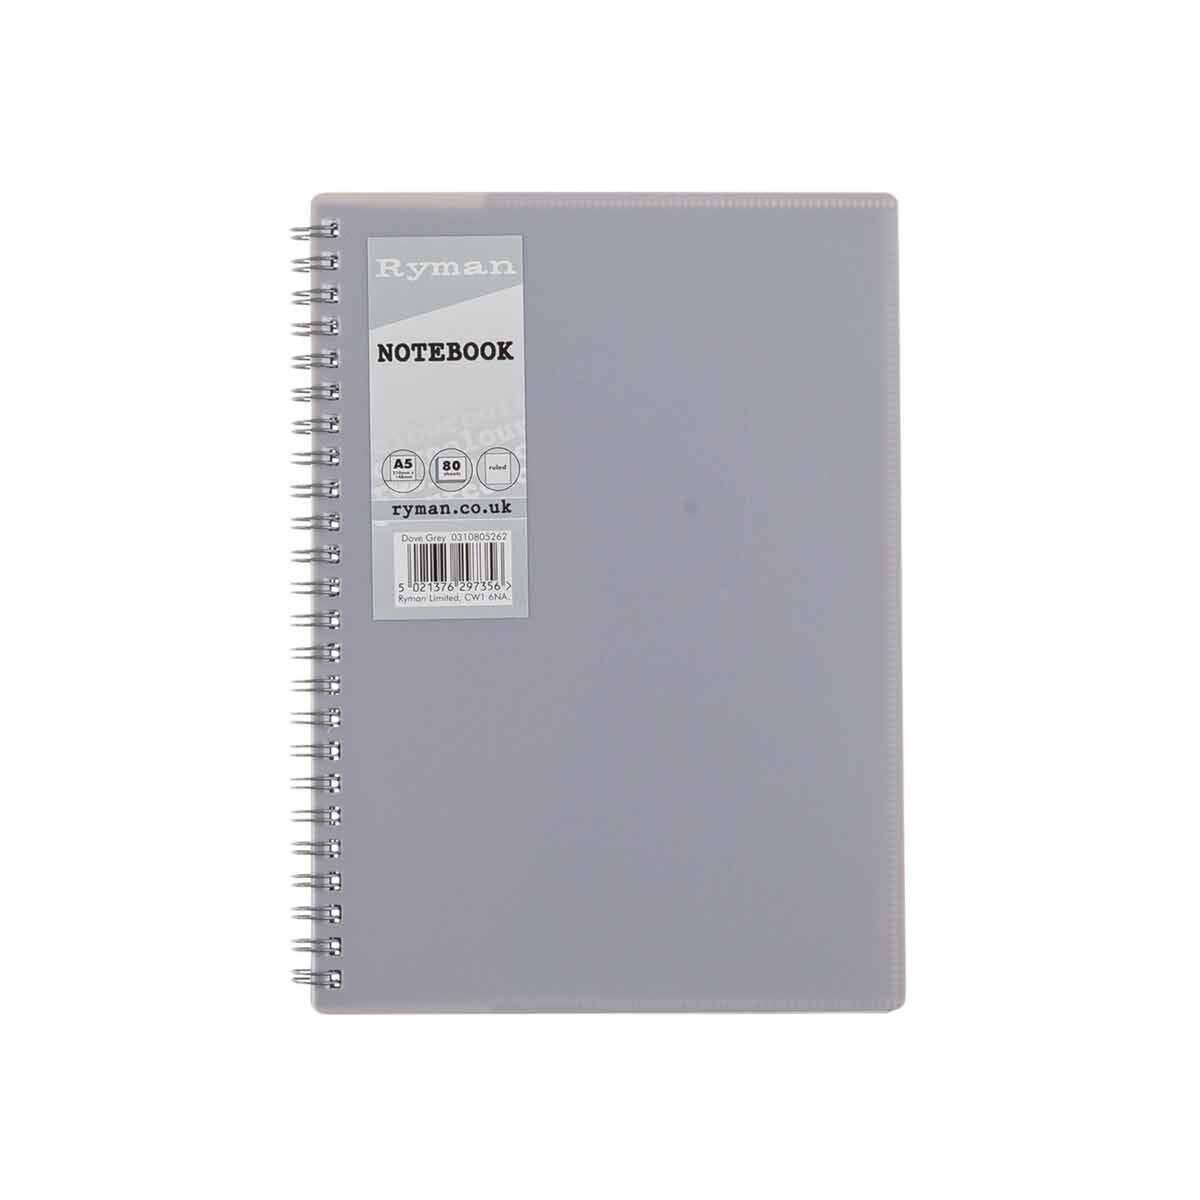 Ryman Pastel Notebook Ruled A5 Grey